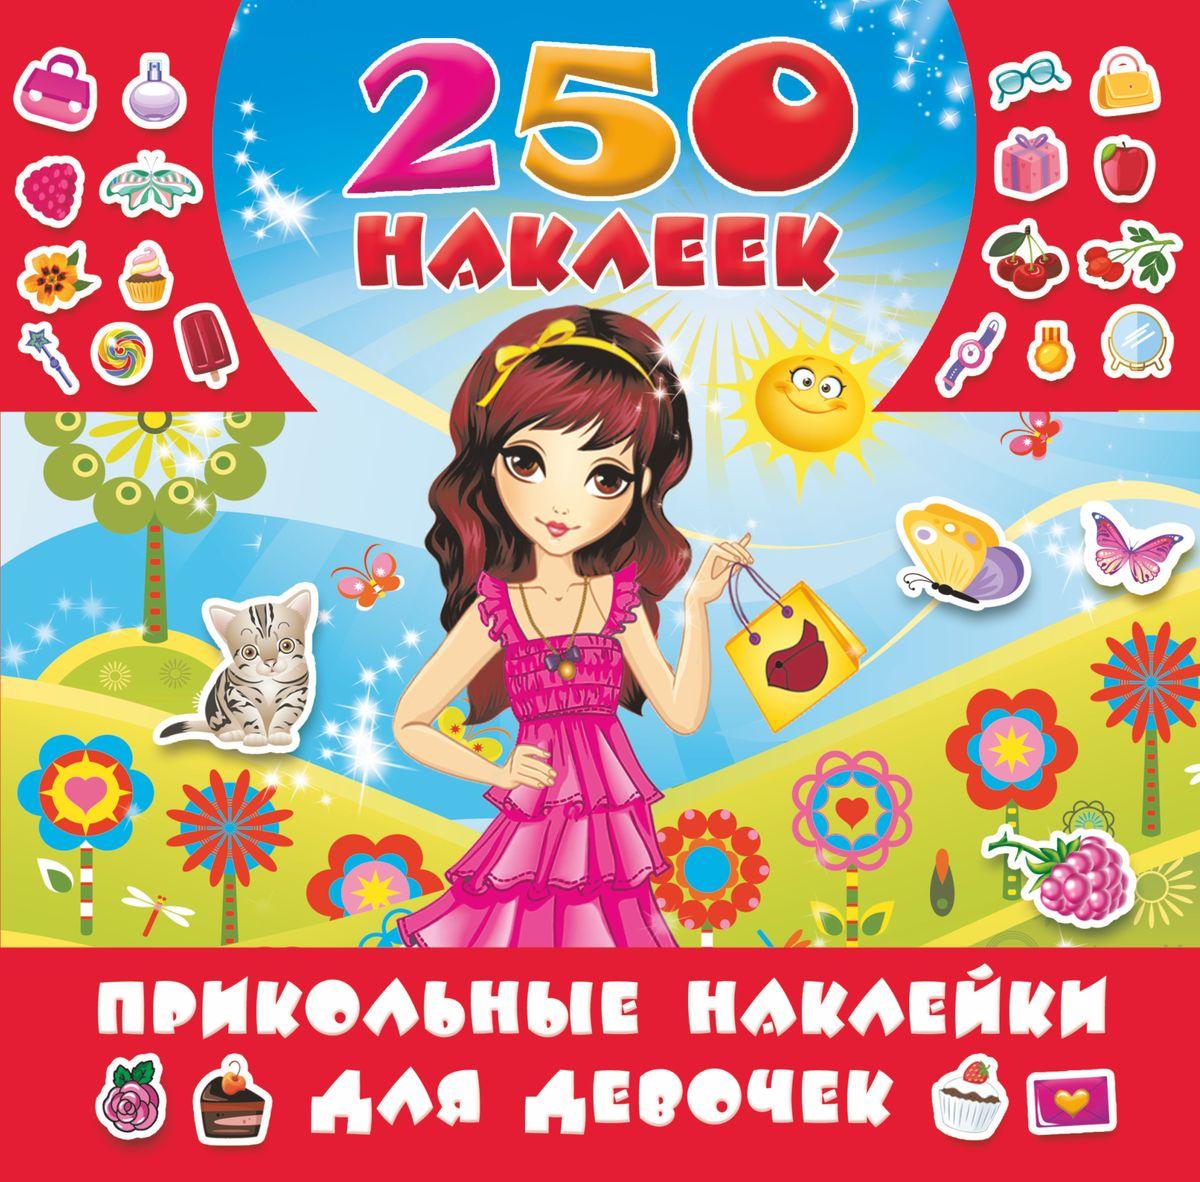 Прикольные наклейки для девочек и горбунова книжка для девочек всех возрастов рисунки раскраски придумки